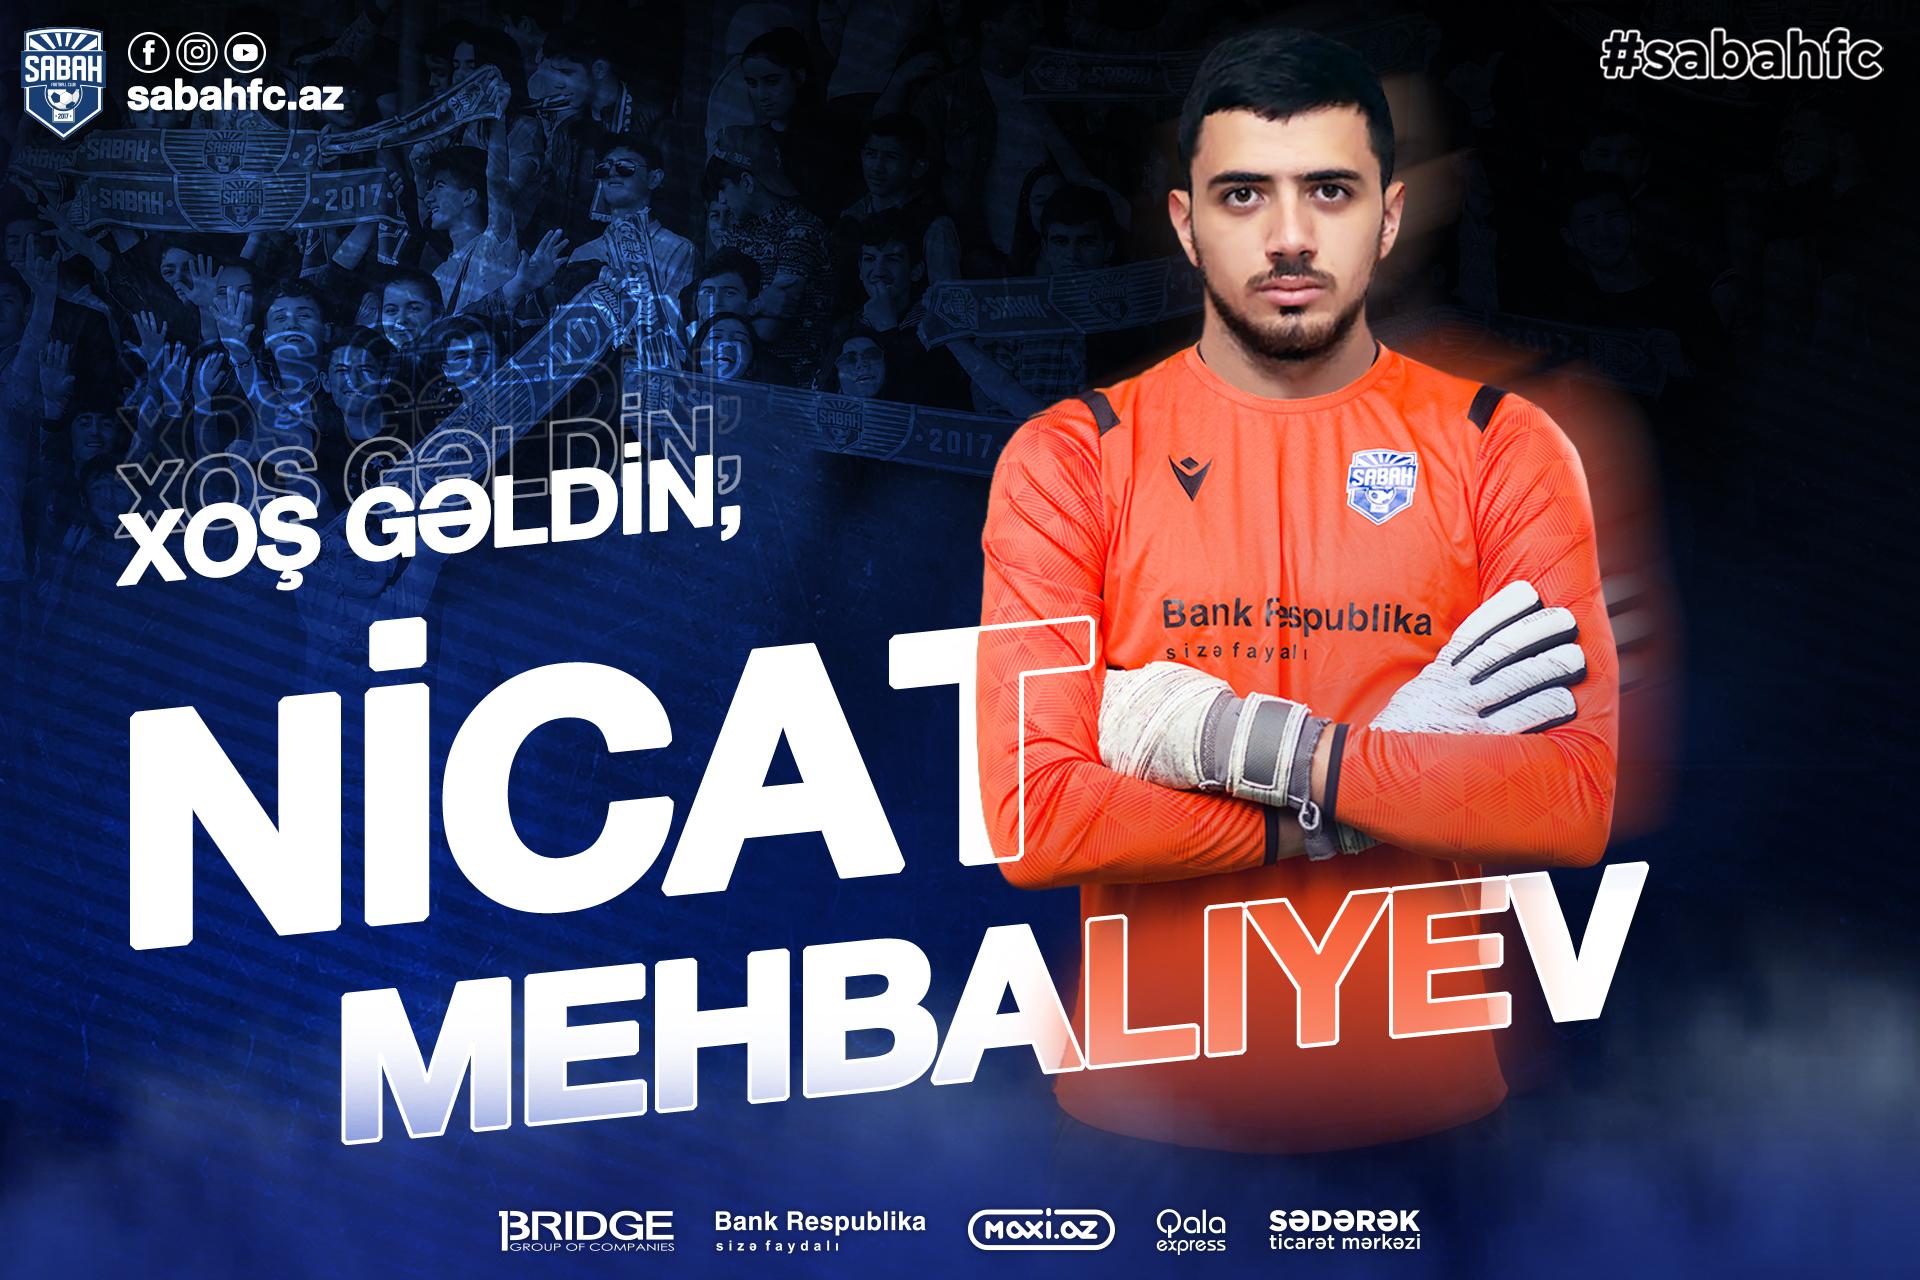 Nijat Mehbaliyev is in Sabah!